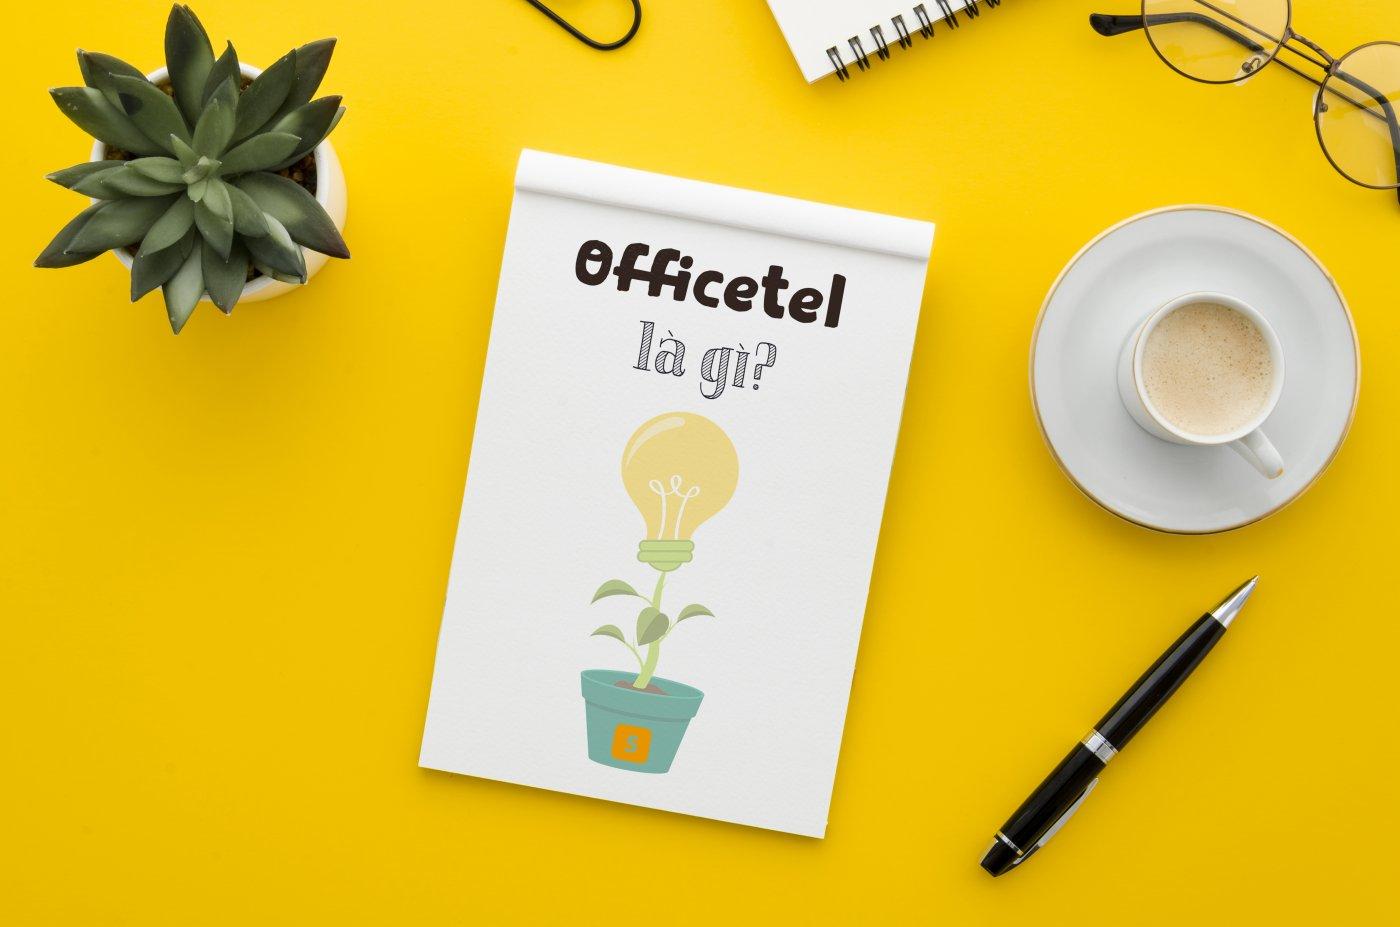 Officetel là gì? Giải đáp mọi thắc mắc về office-tel tại Việt Nam